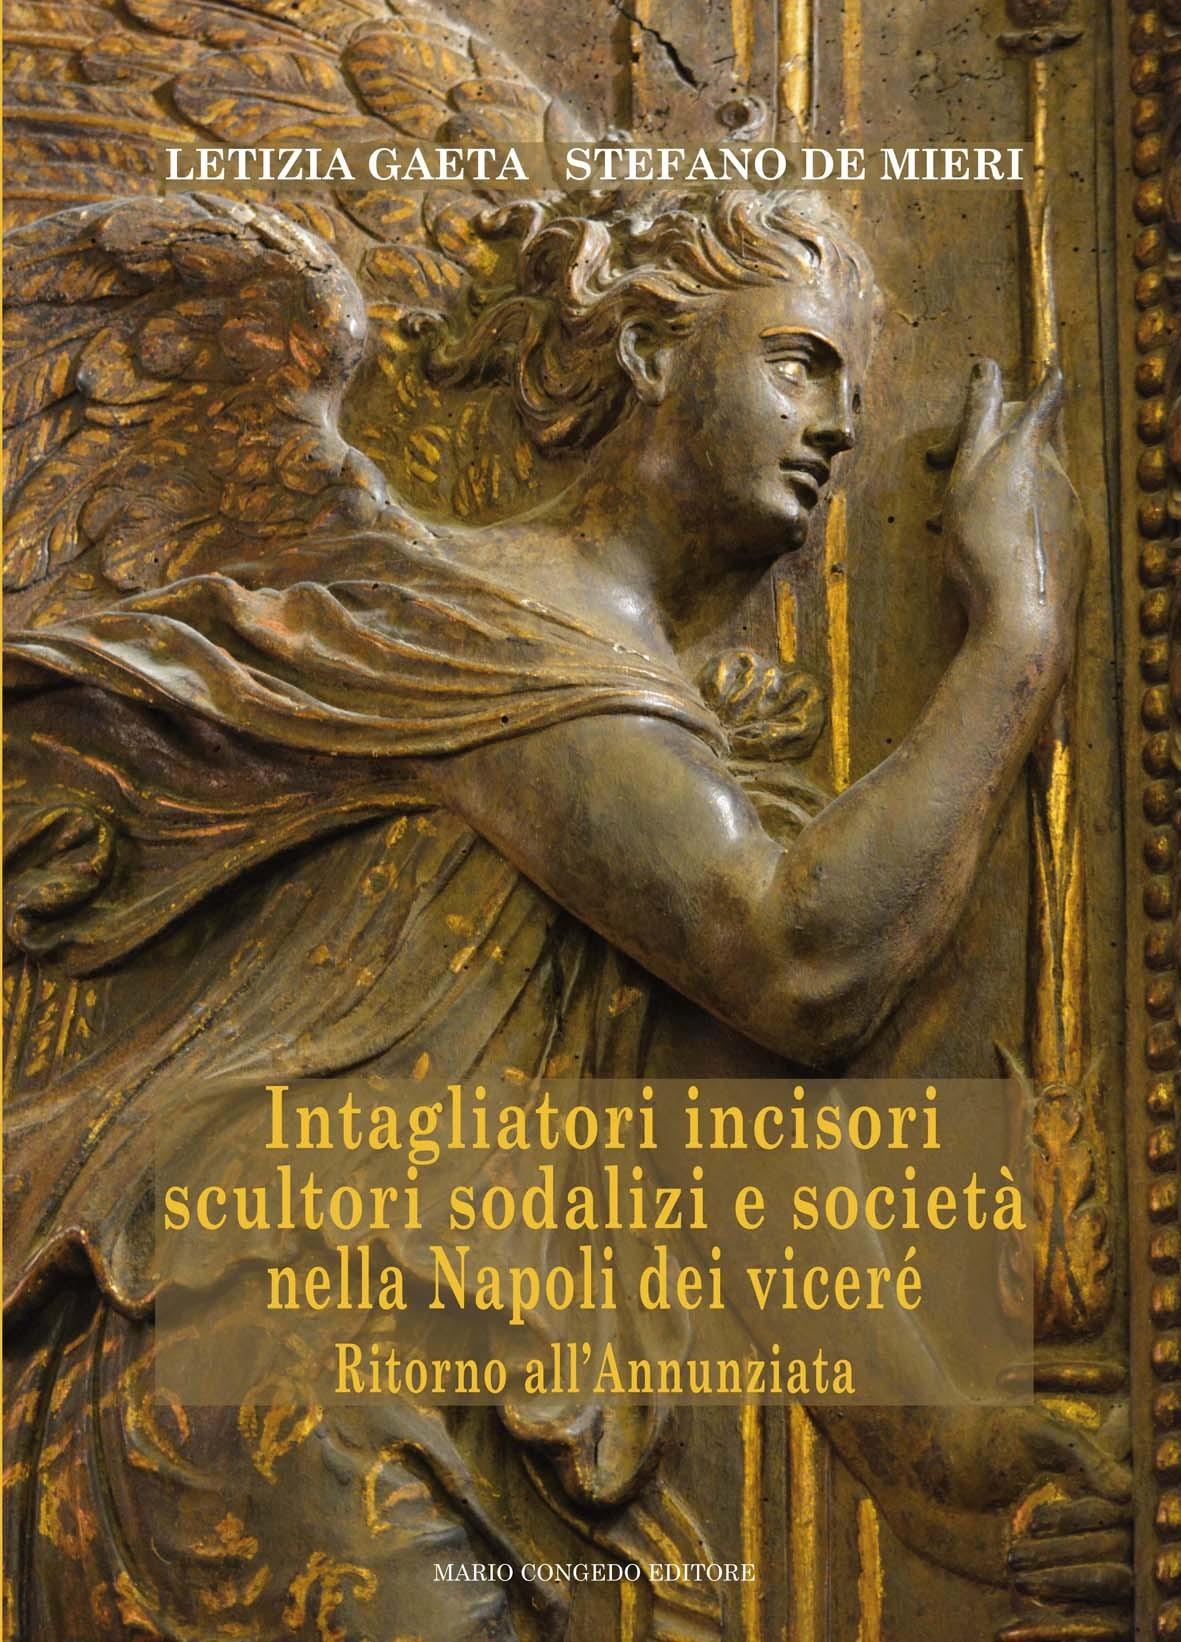 Intagliatori incisori scultori sodalizi e società nella Napoli dei viceré